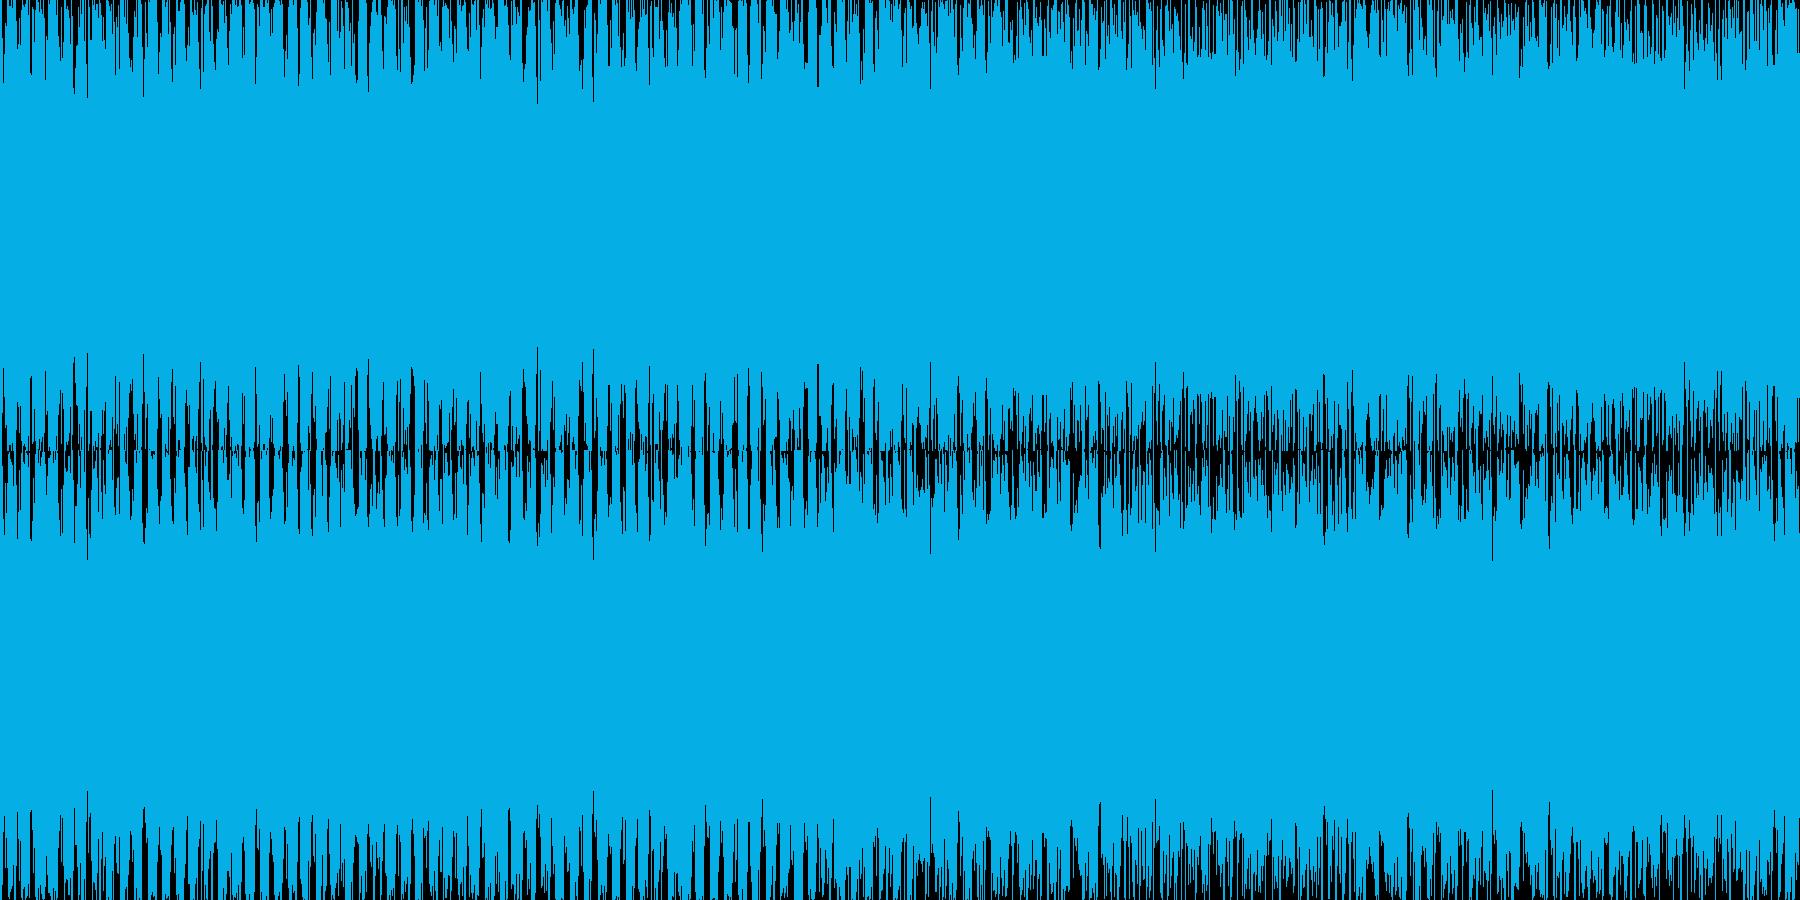 EDM_60秒ループ処理済み_ゲーム向けの再生済みの波形